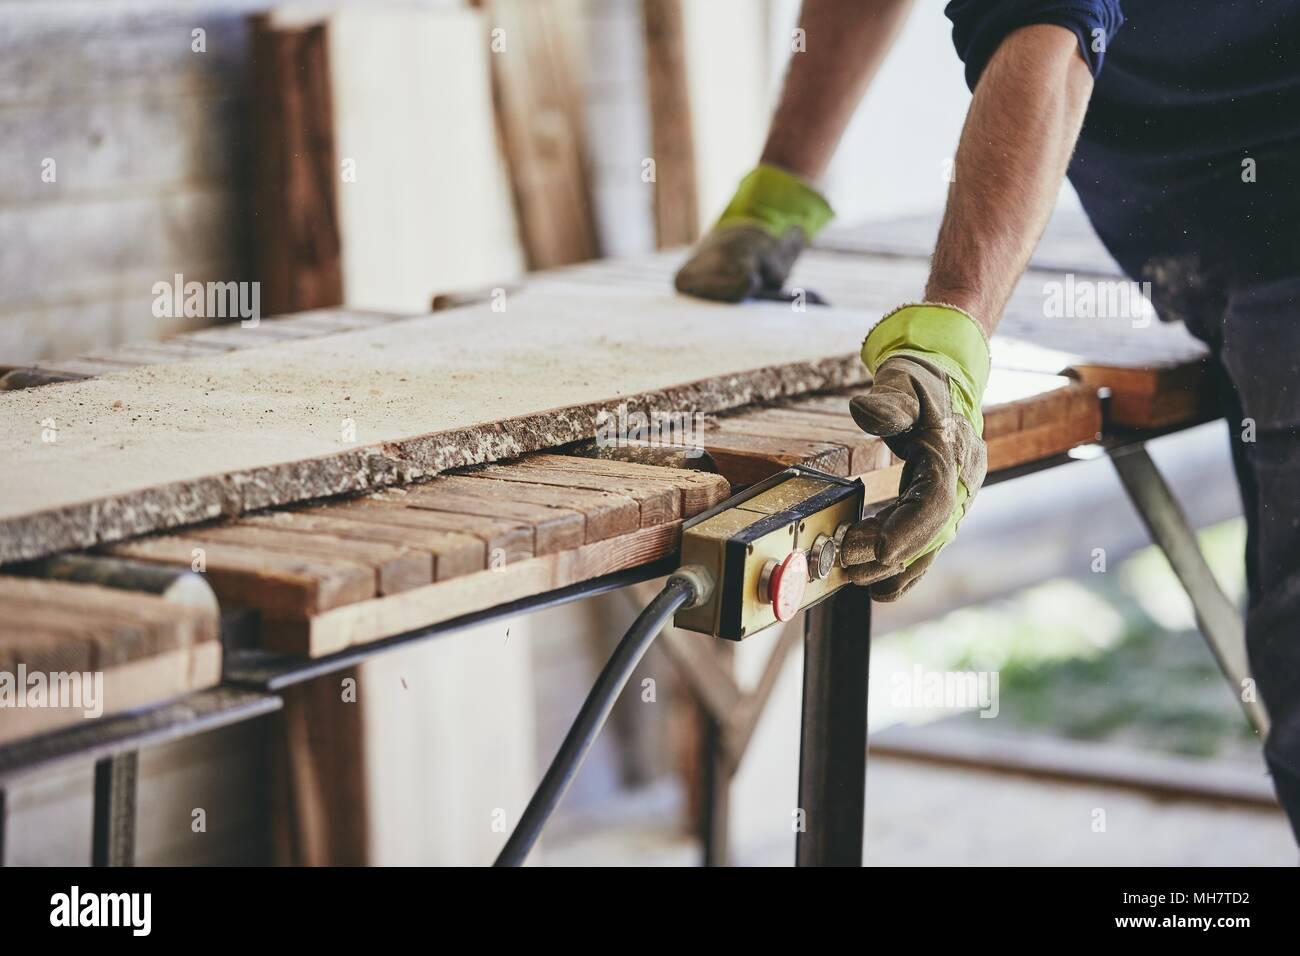 Hombre trabajando en el aserradero. Las manos del trabajador con guante de protección. Imagen De Stock